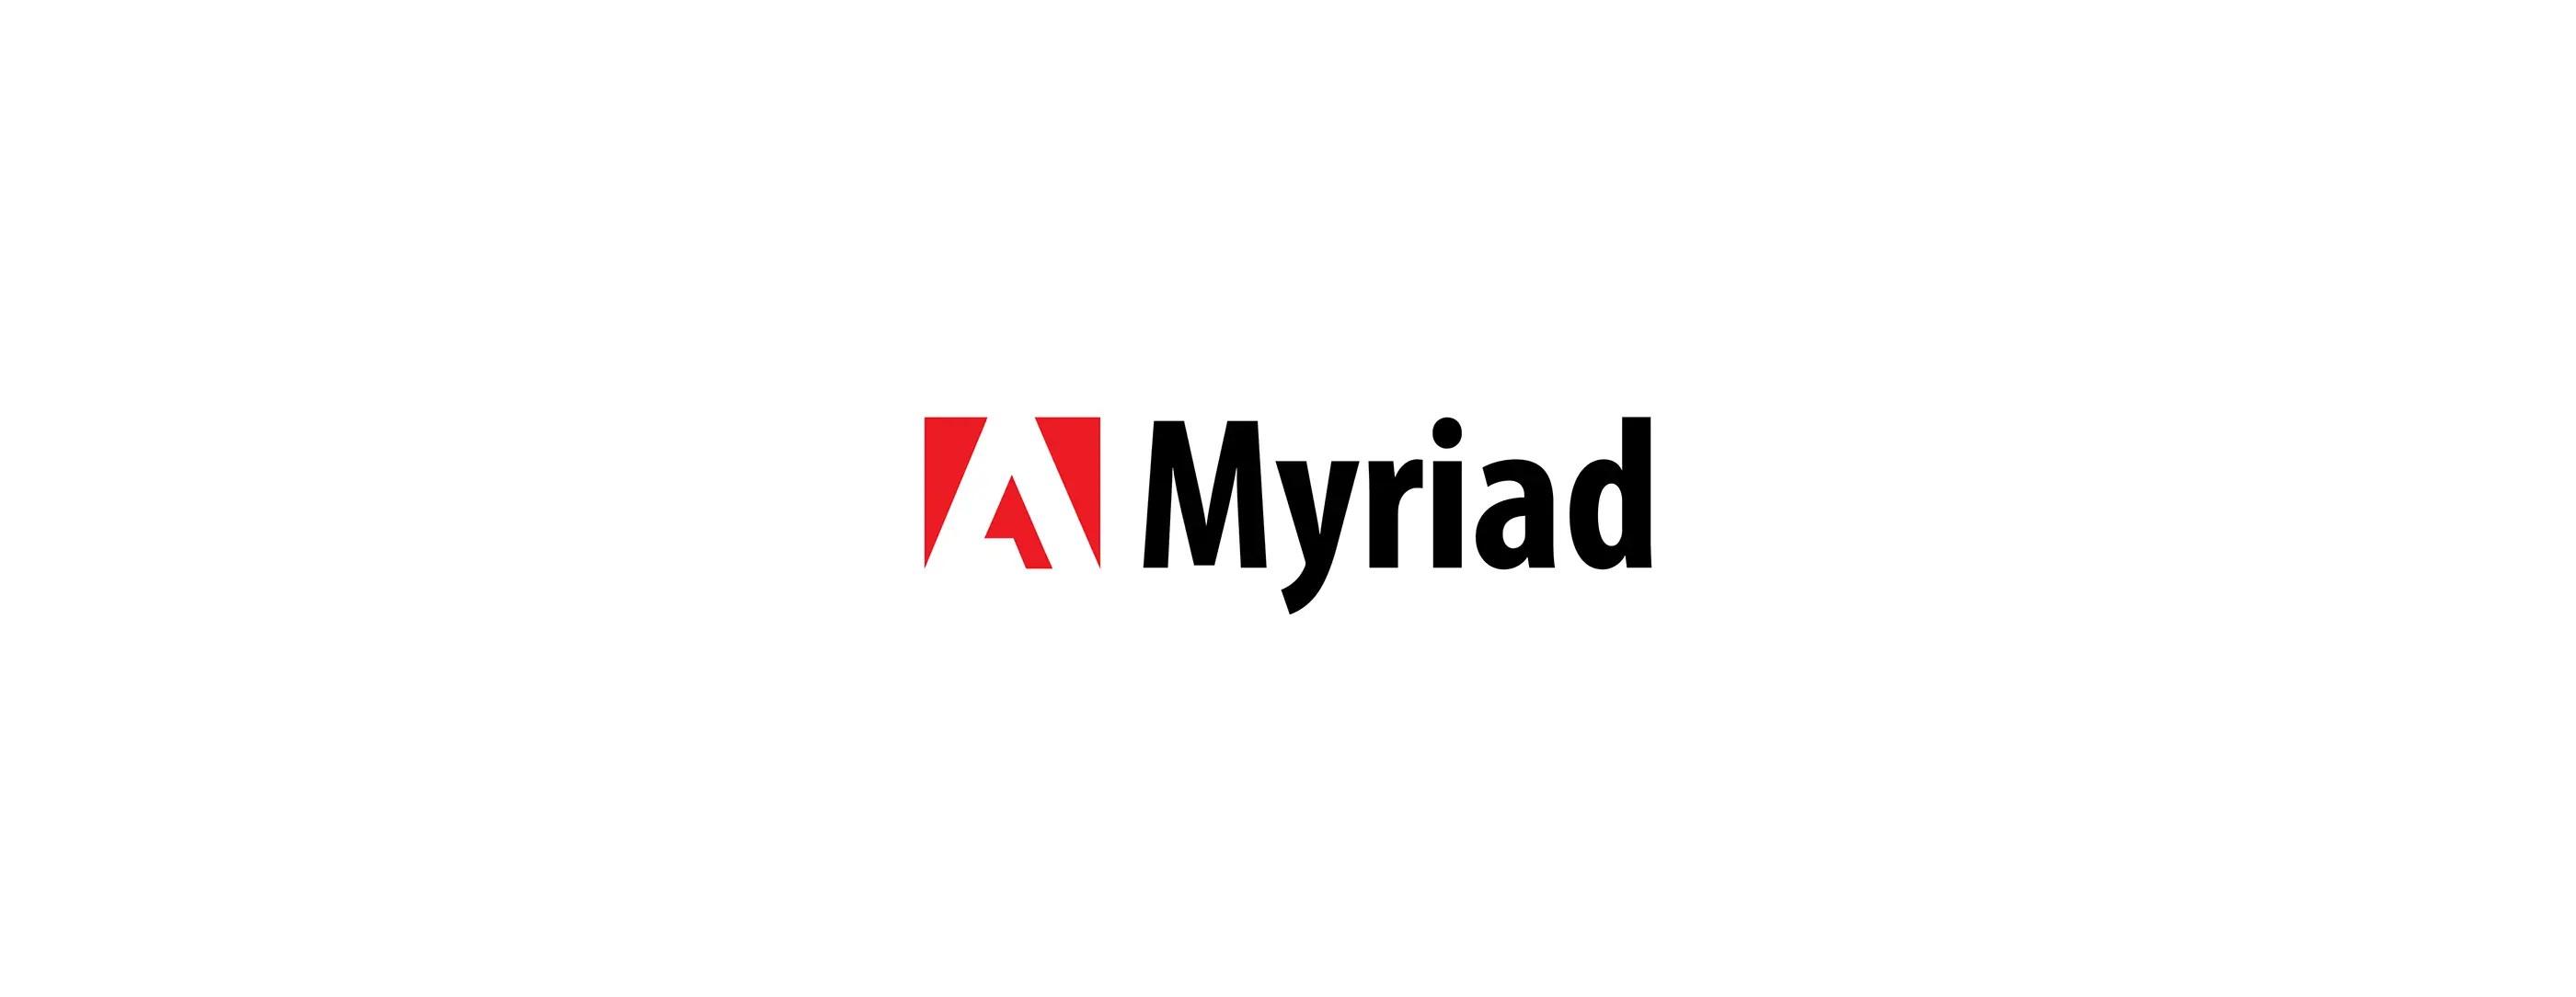 wersm-logo-font-adobe-myriad